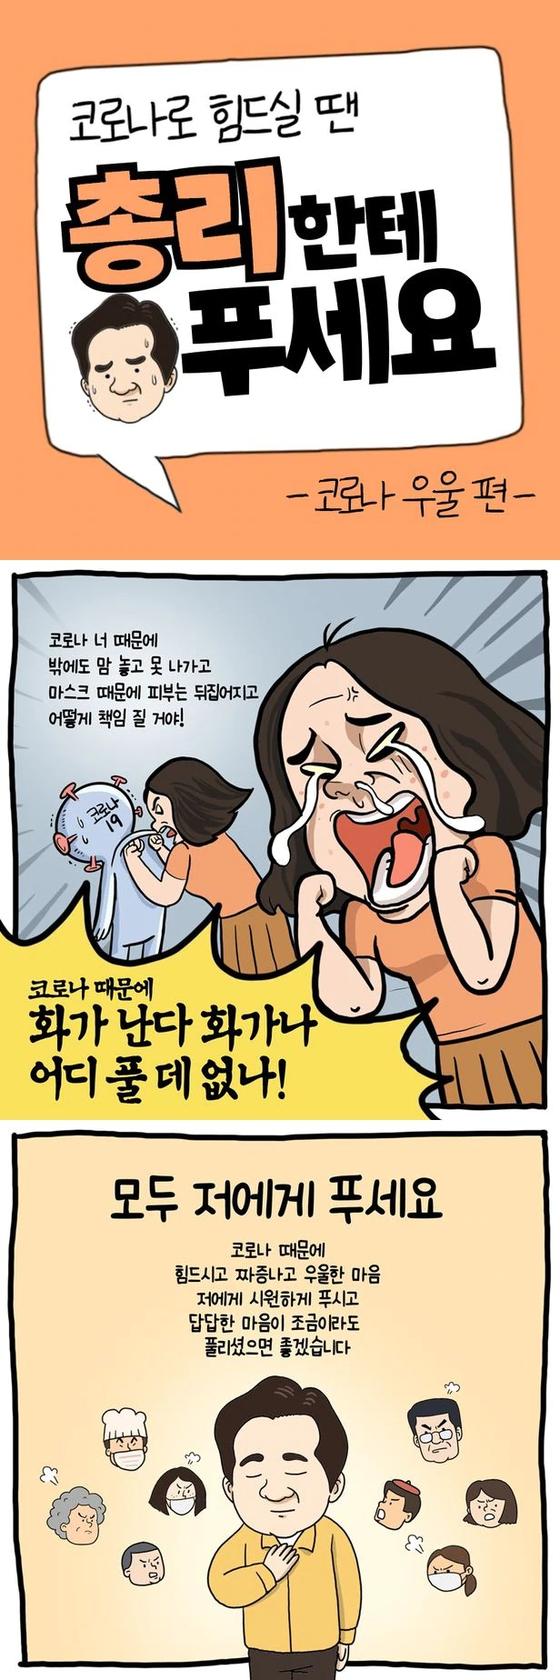 총리실 만화, 여성 비하 논란에 삭제